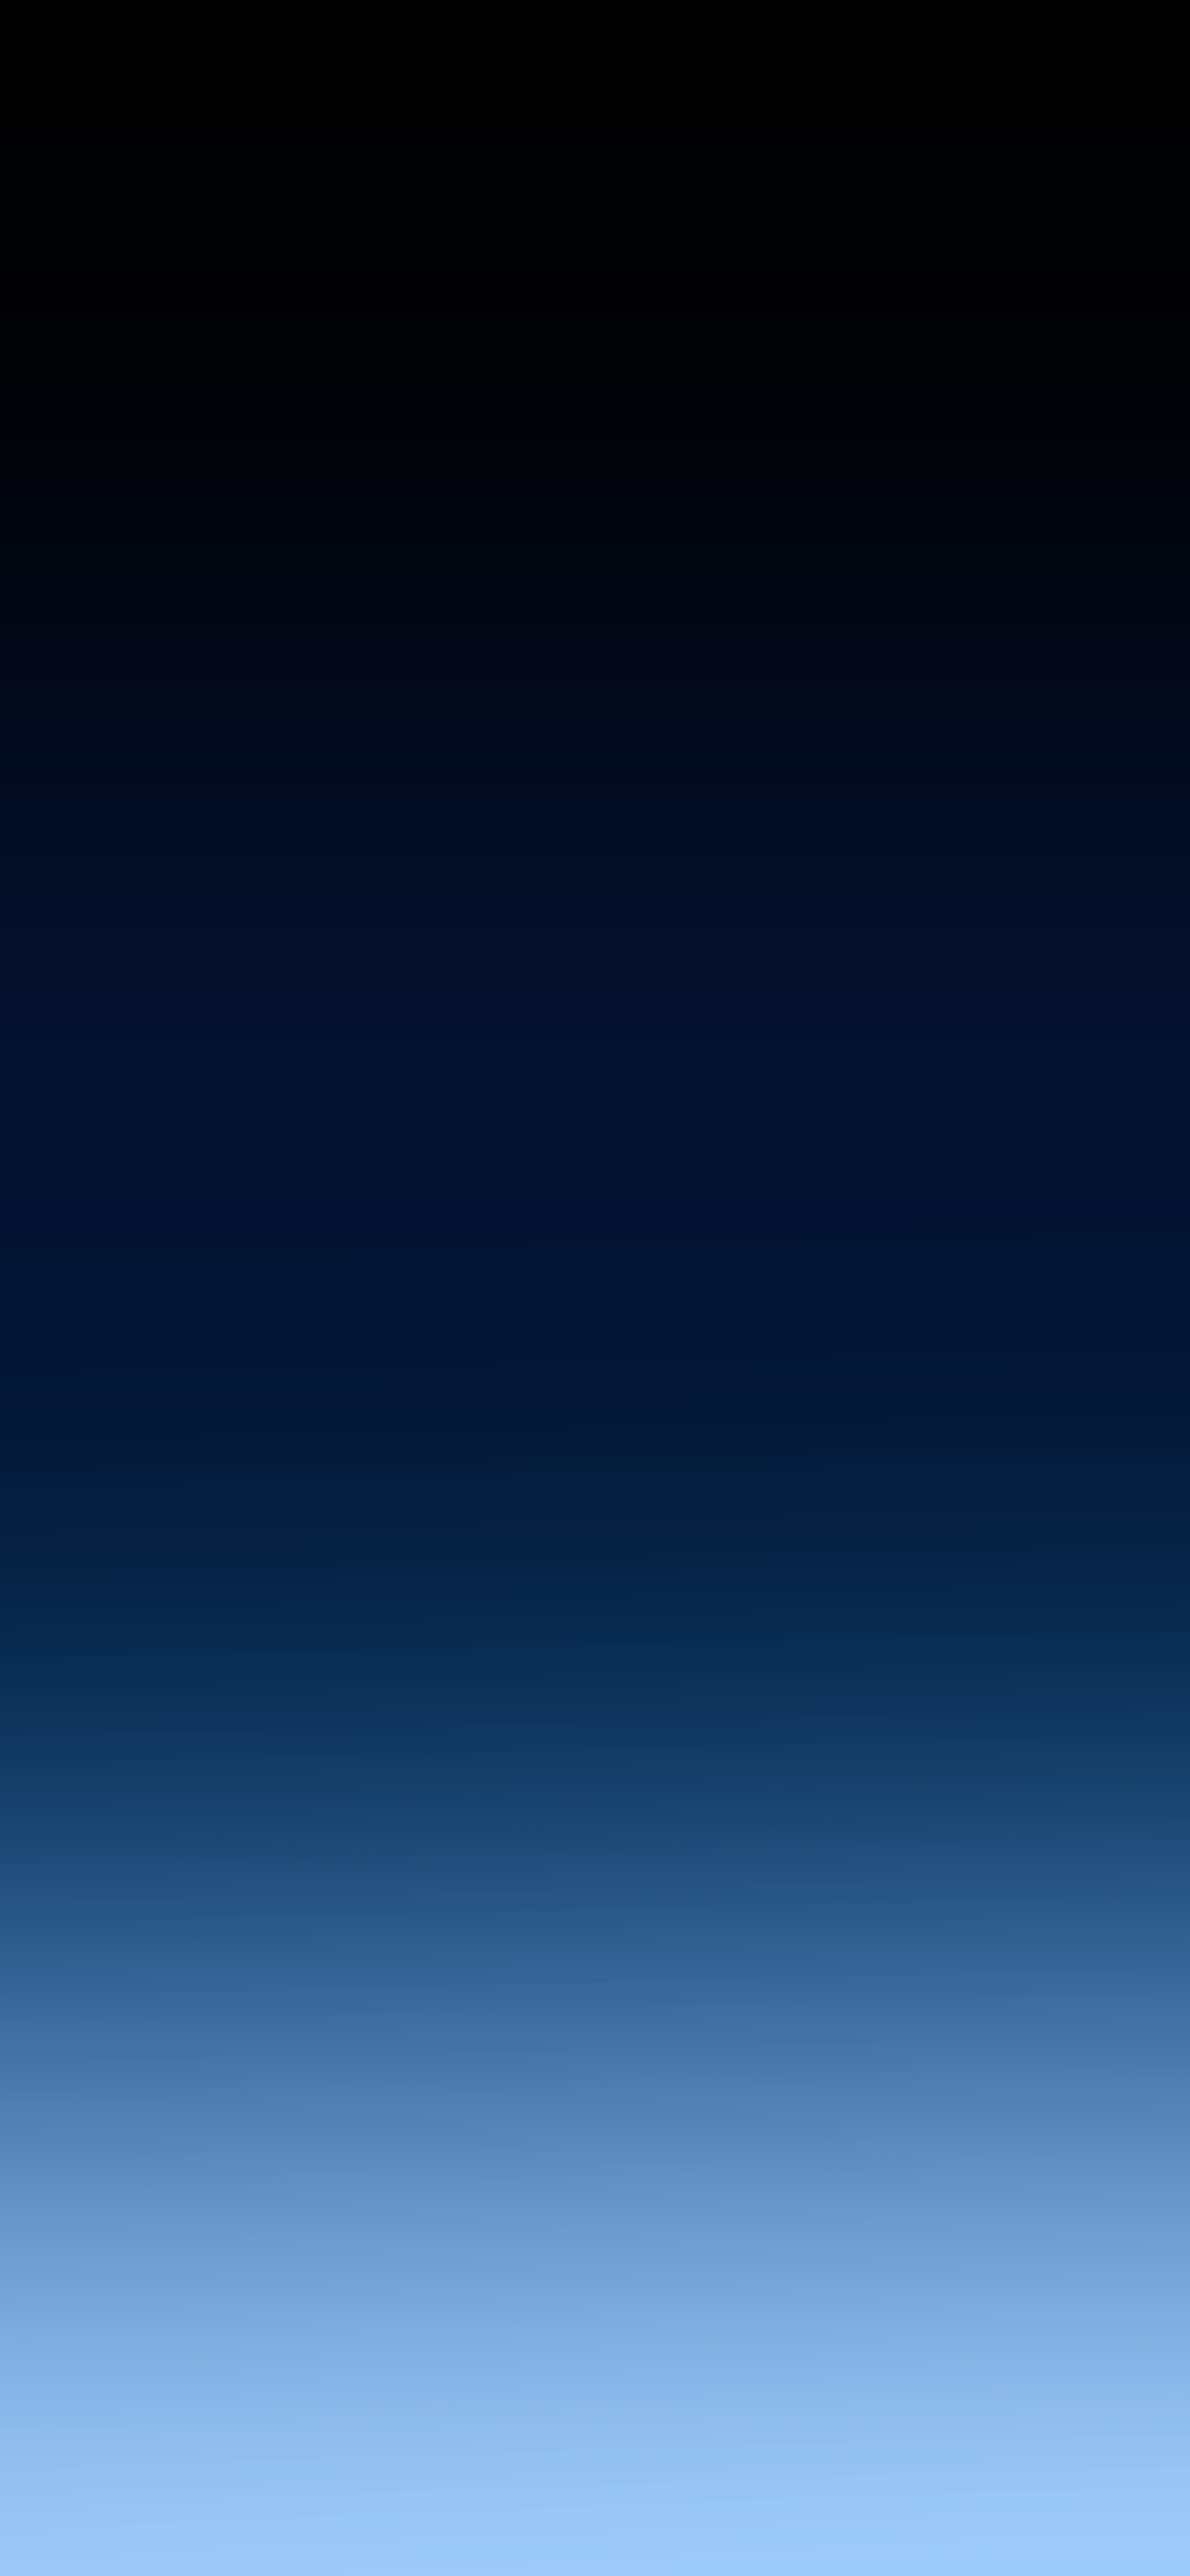 iPhone wallpaper gradient colors blue Gradient colors